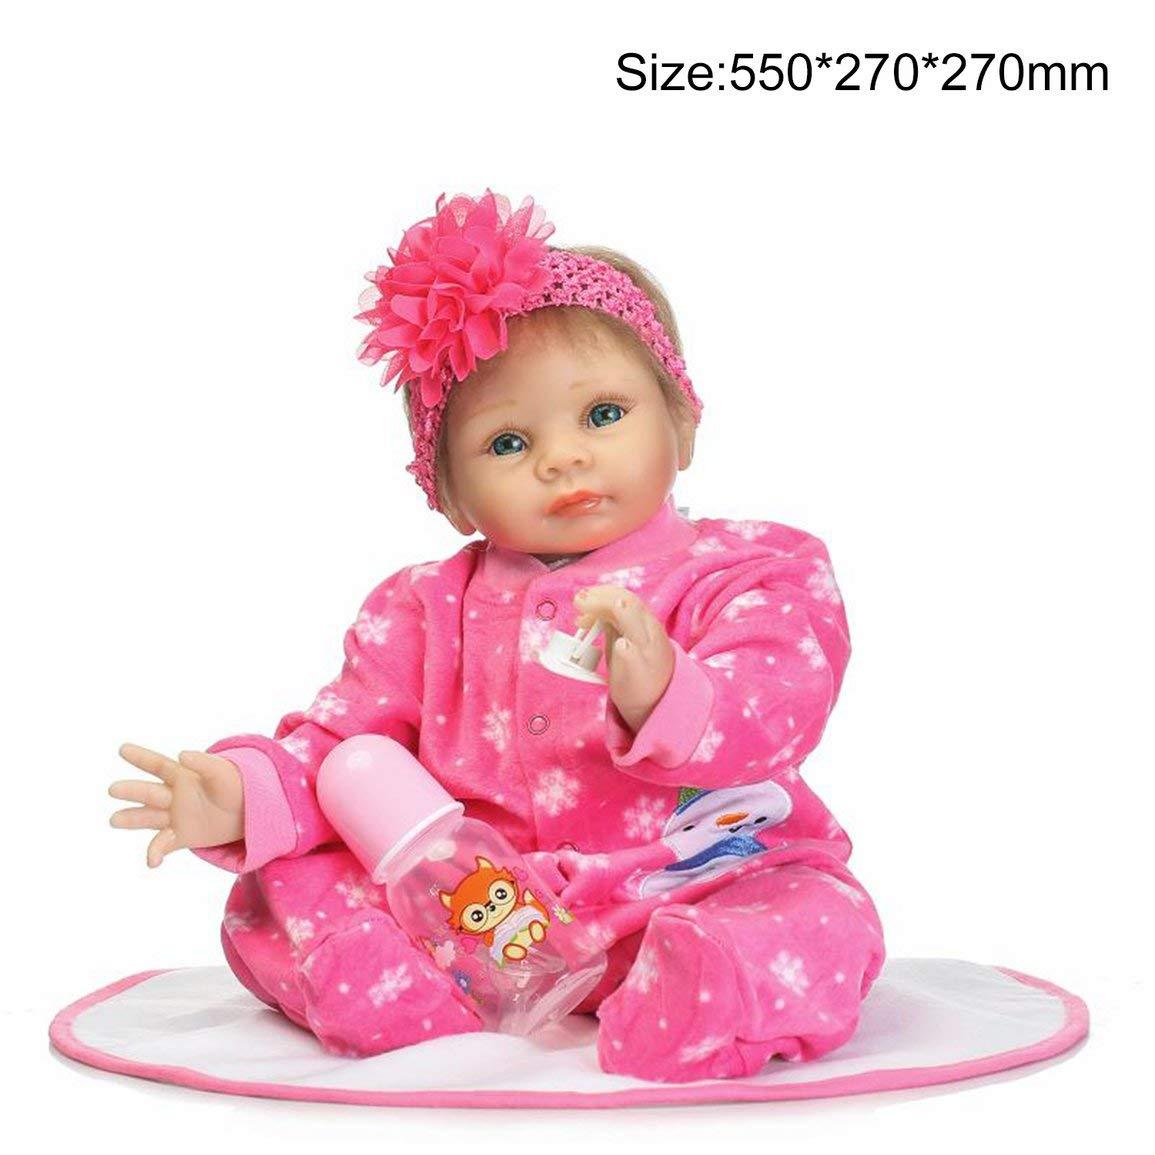 fc3bff48e463 Muñecos bebé y accesorios Fantasyworld Bebé de Silicona Lindo Rose Red de  Simulación Bebés Reborn Dolls ...